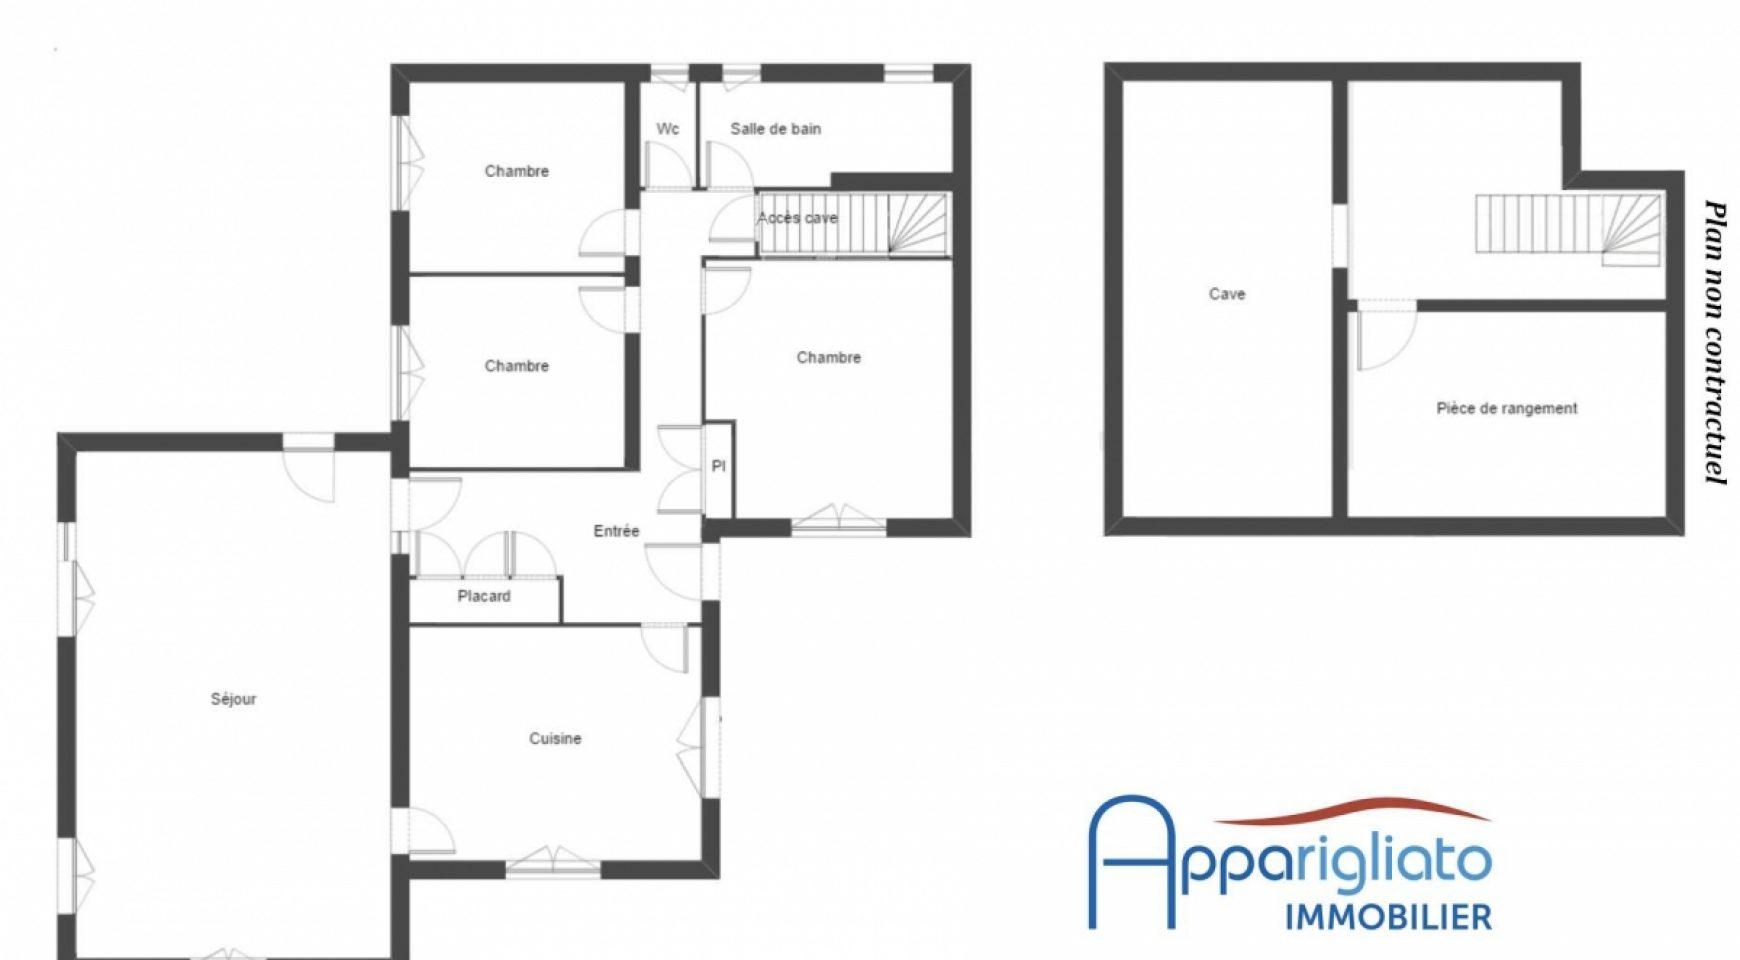 Plan maison t4 excellent maison en bois moderne c planca for Plan maison t4